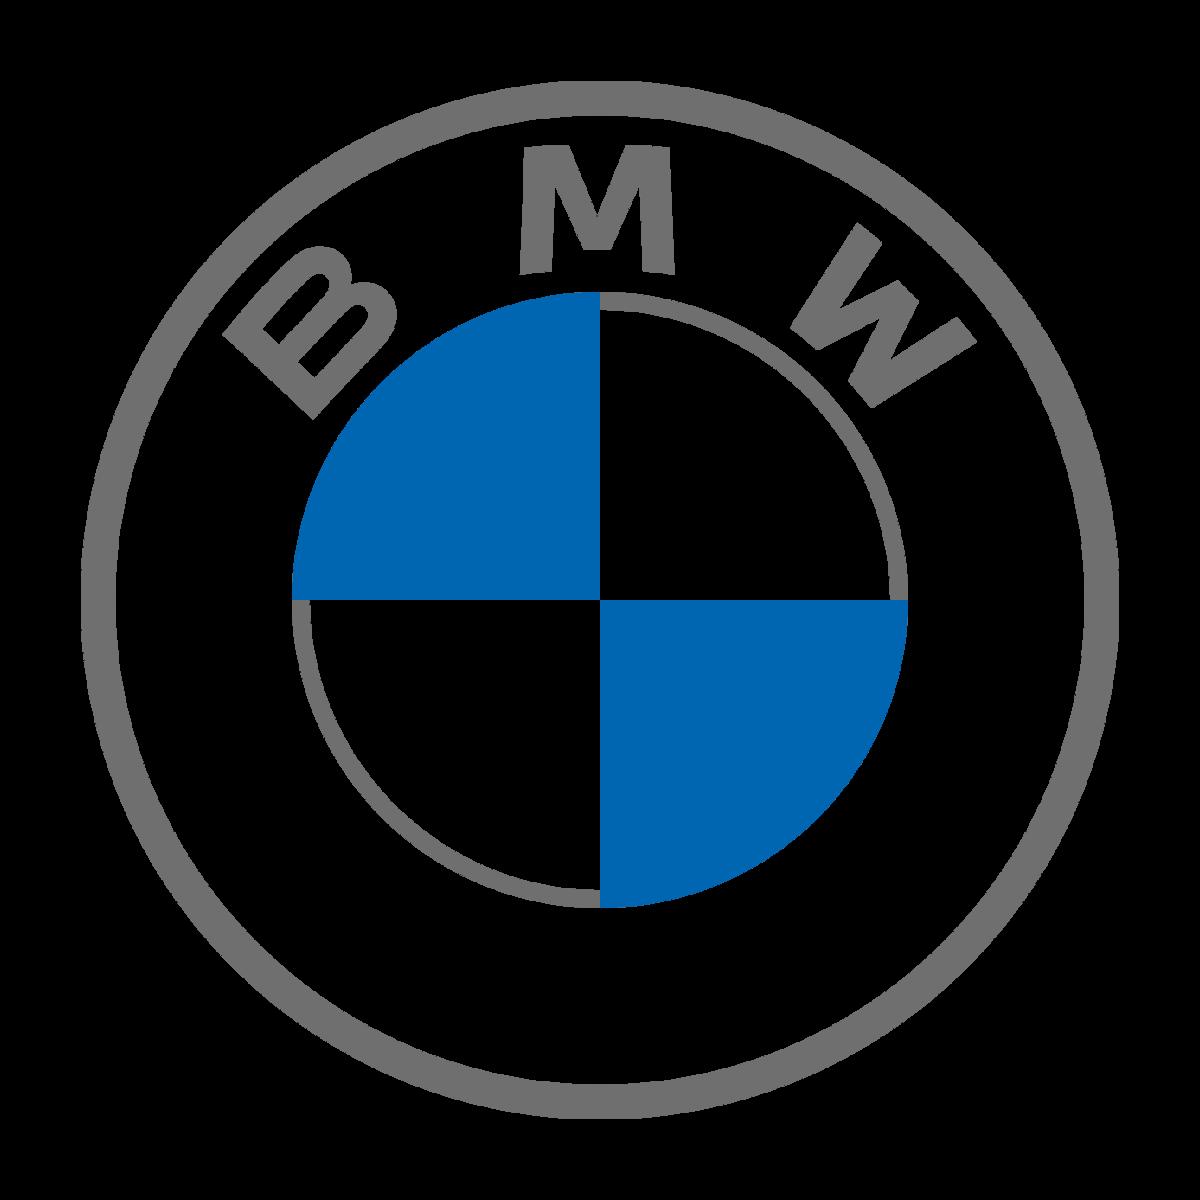 zamena-avtostekla-i-zamena-logotipa-chto-obshhego (2)